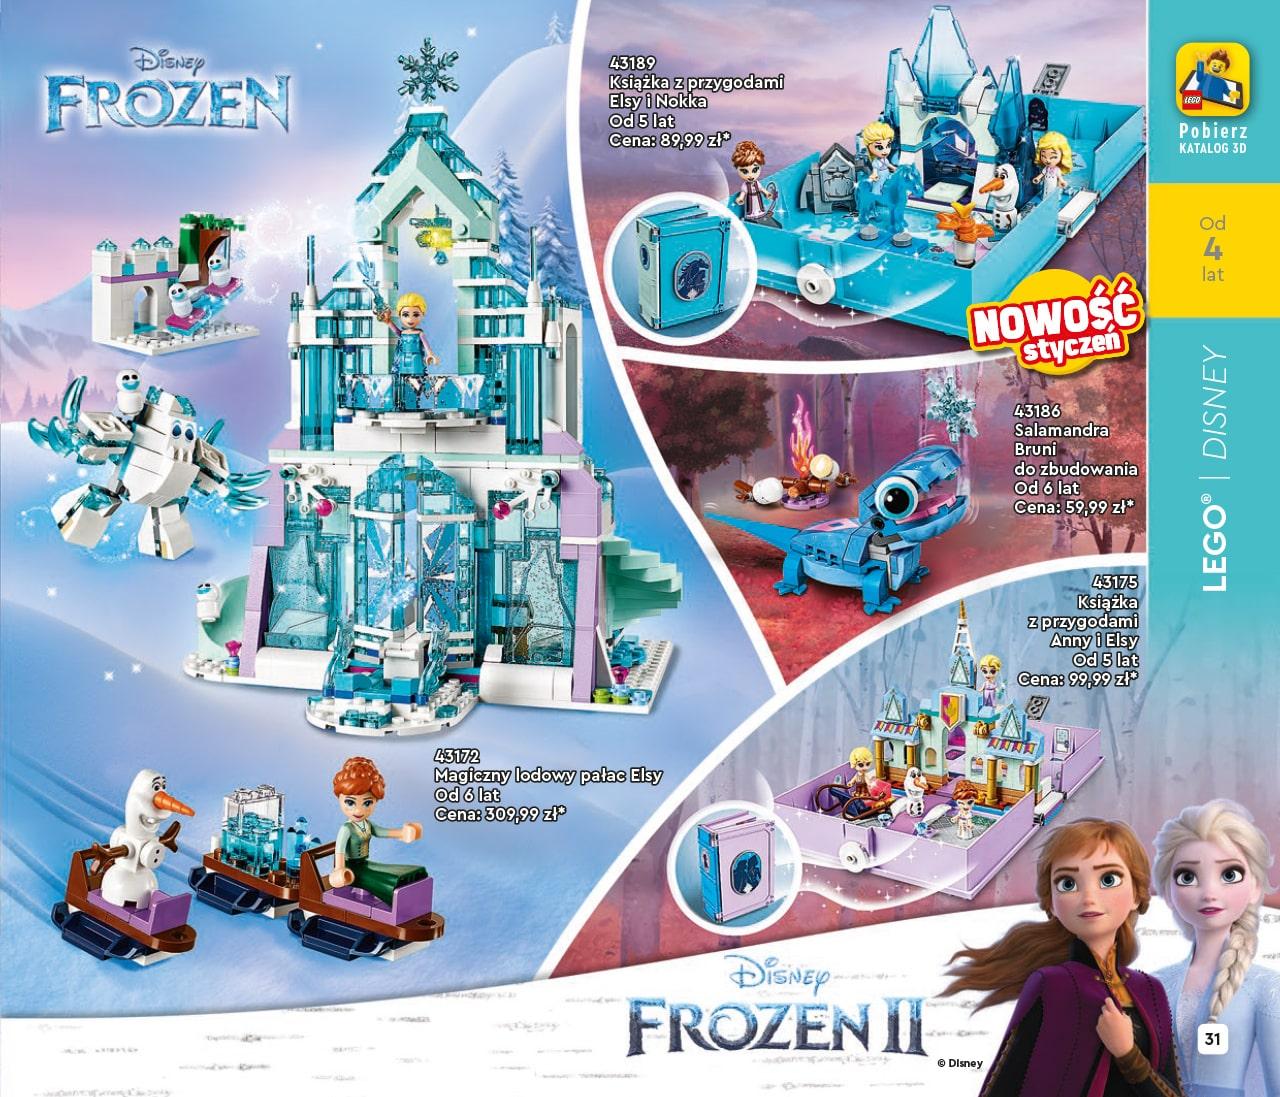 Katalog LEGO styczeń-maj 2021 - wersja polska - 31 - LEGO Disney